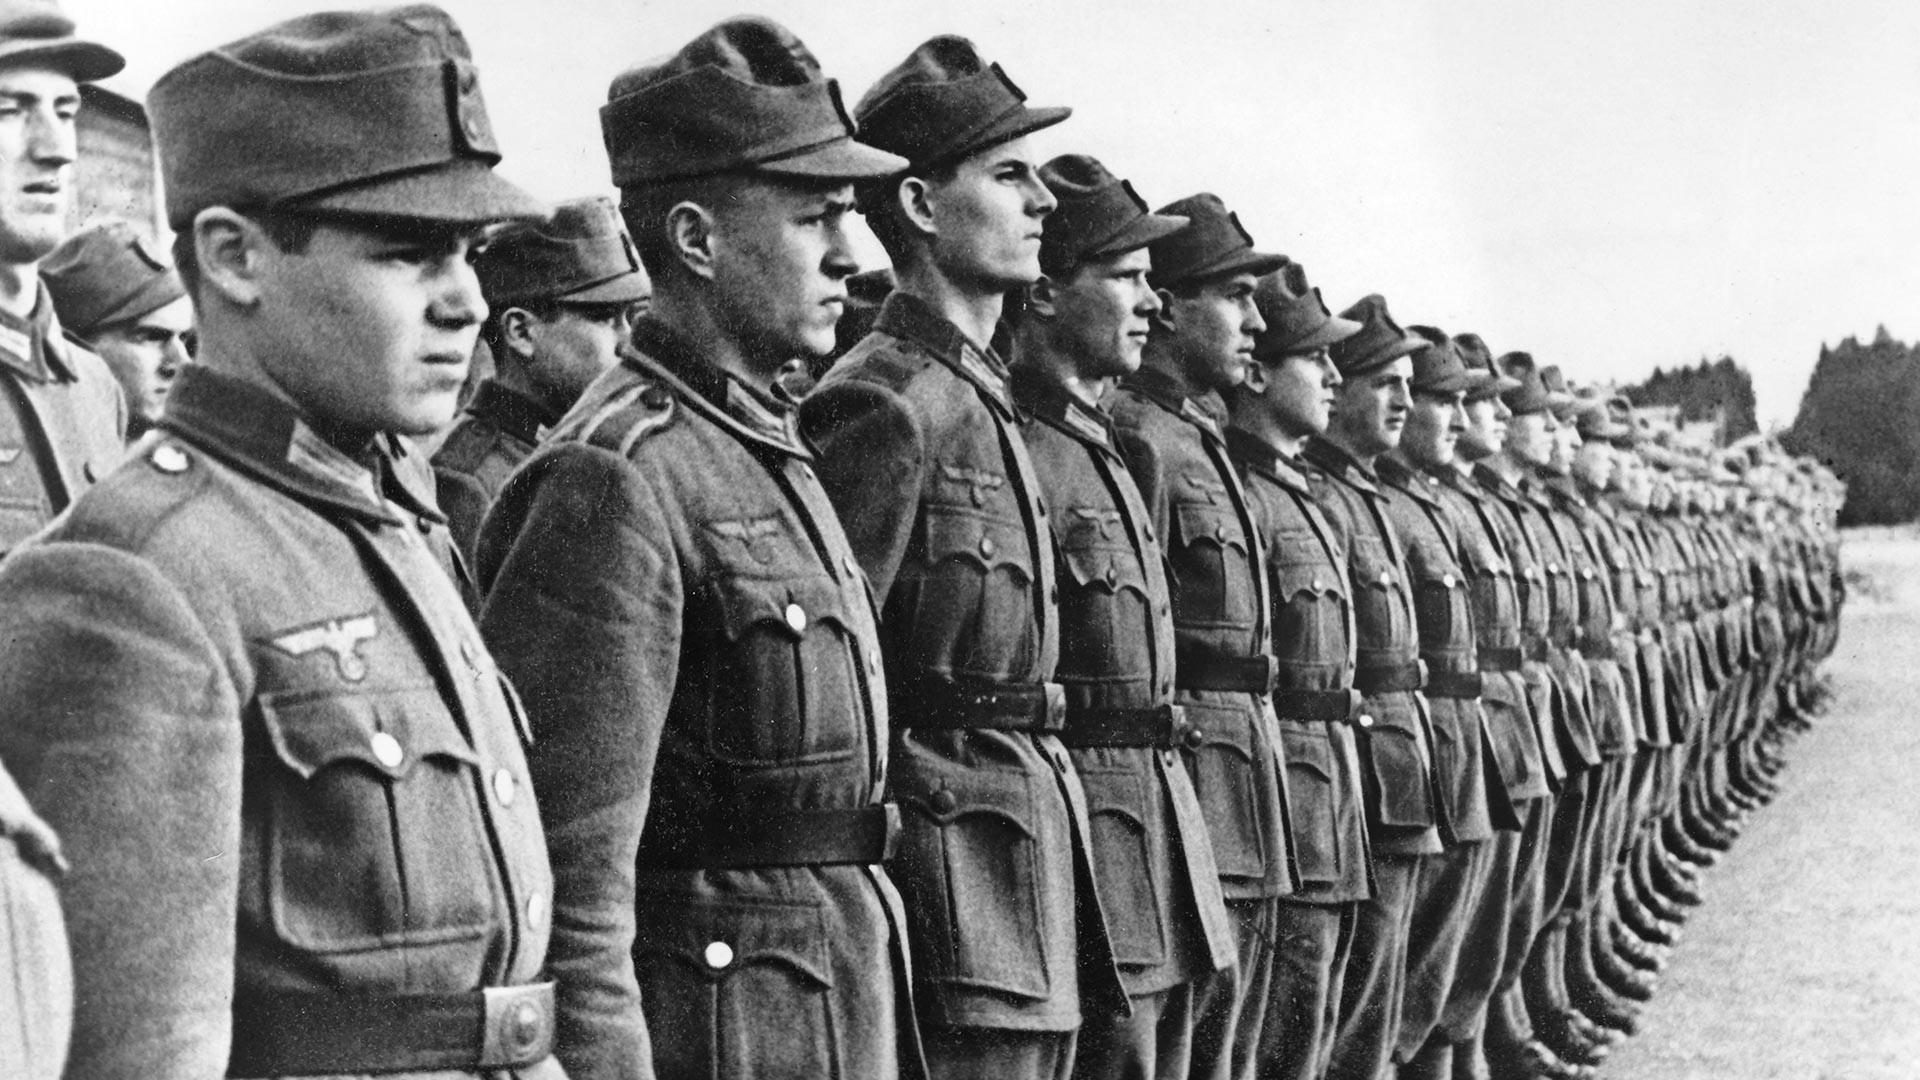 Prostovoljci Hrvaške legije, 1942